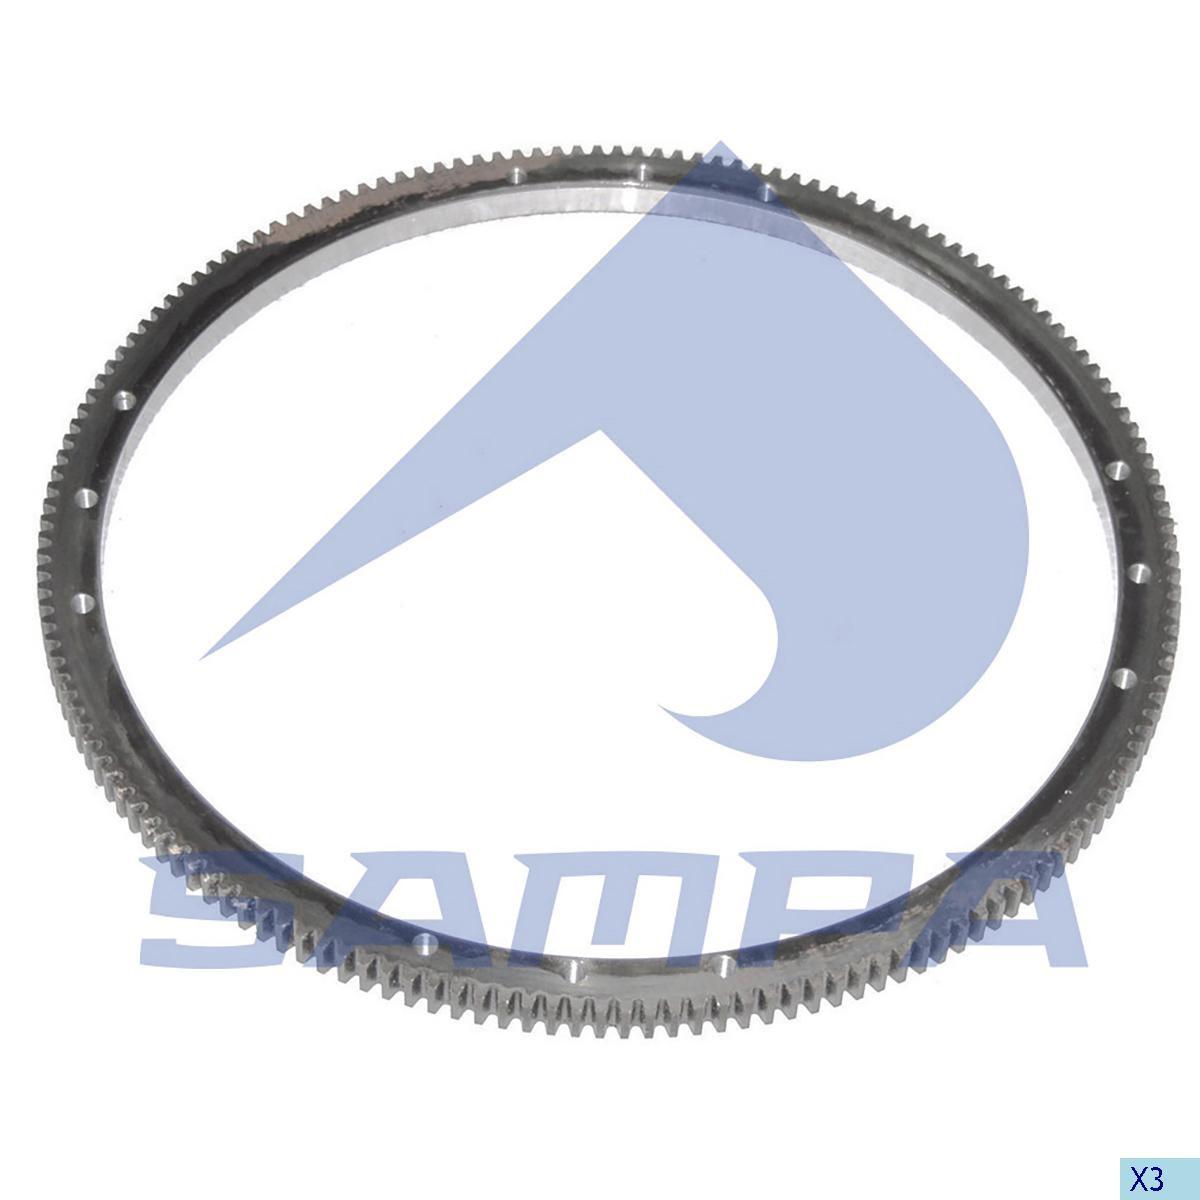 Венец маховика Actros 430/485.5 mm Z=160 (4x 3 c отверстями) photo